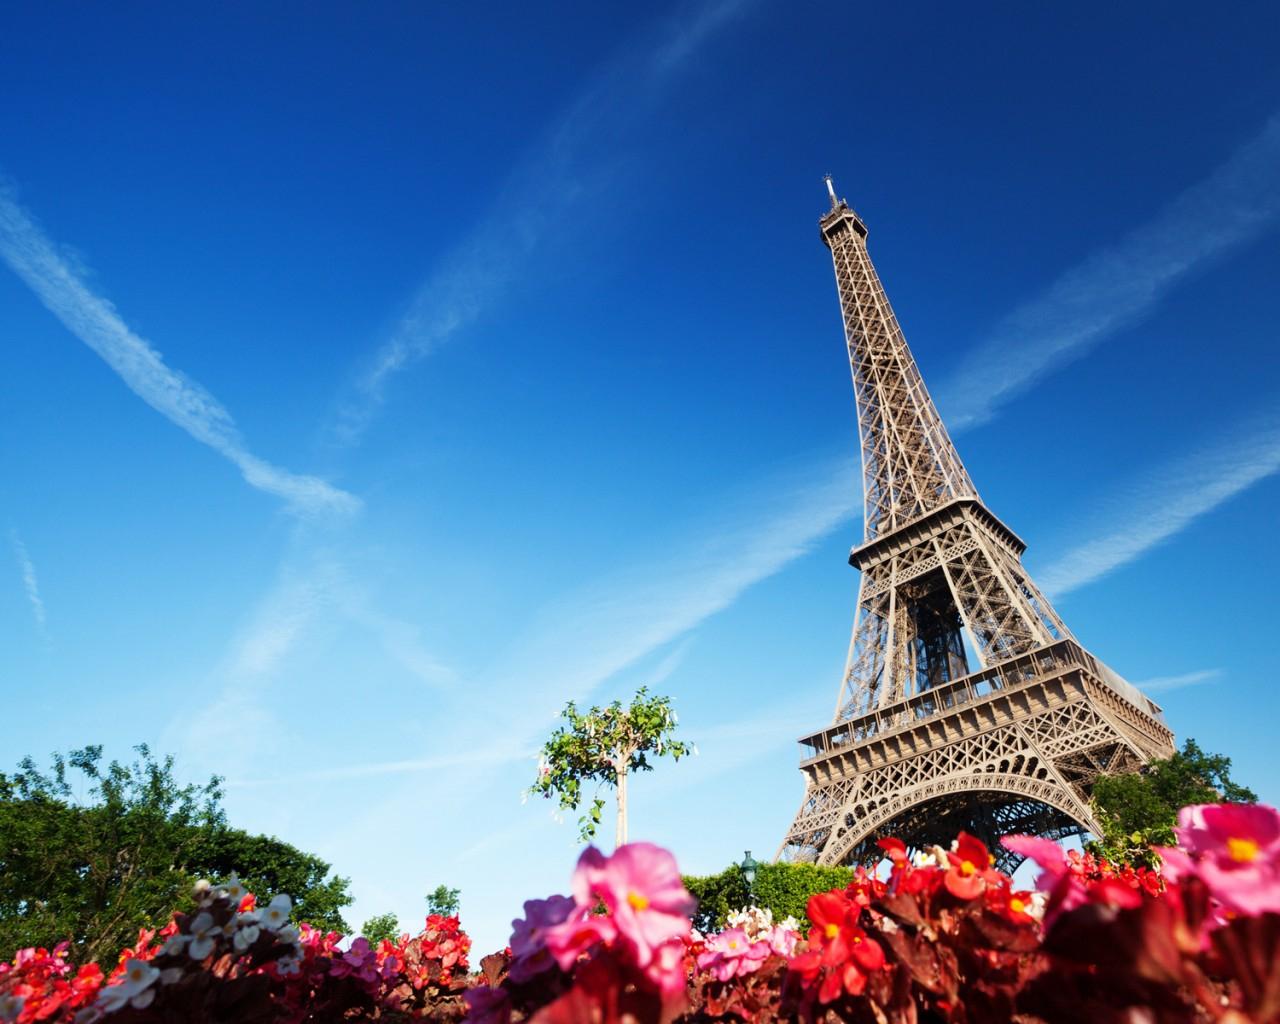 埃菲尔亲手将法国国旗升上铁塔的300米高空